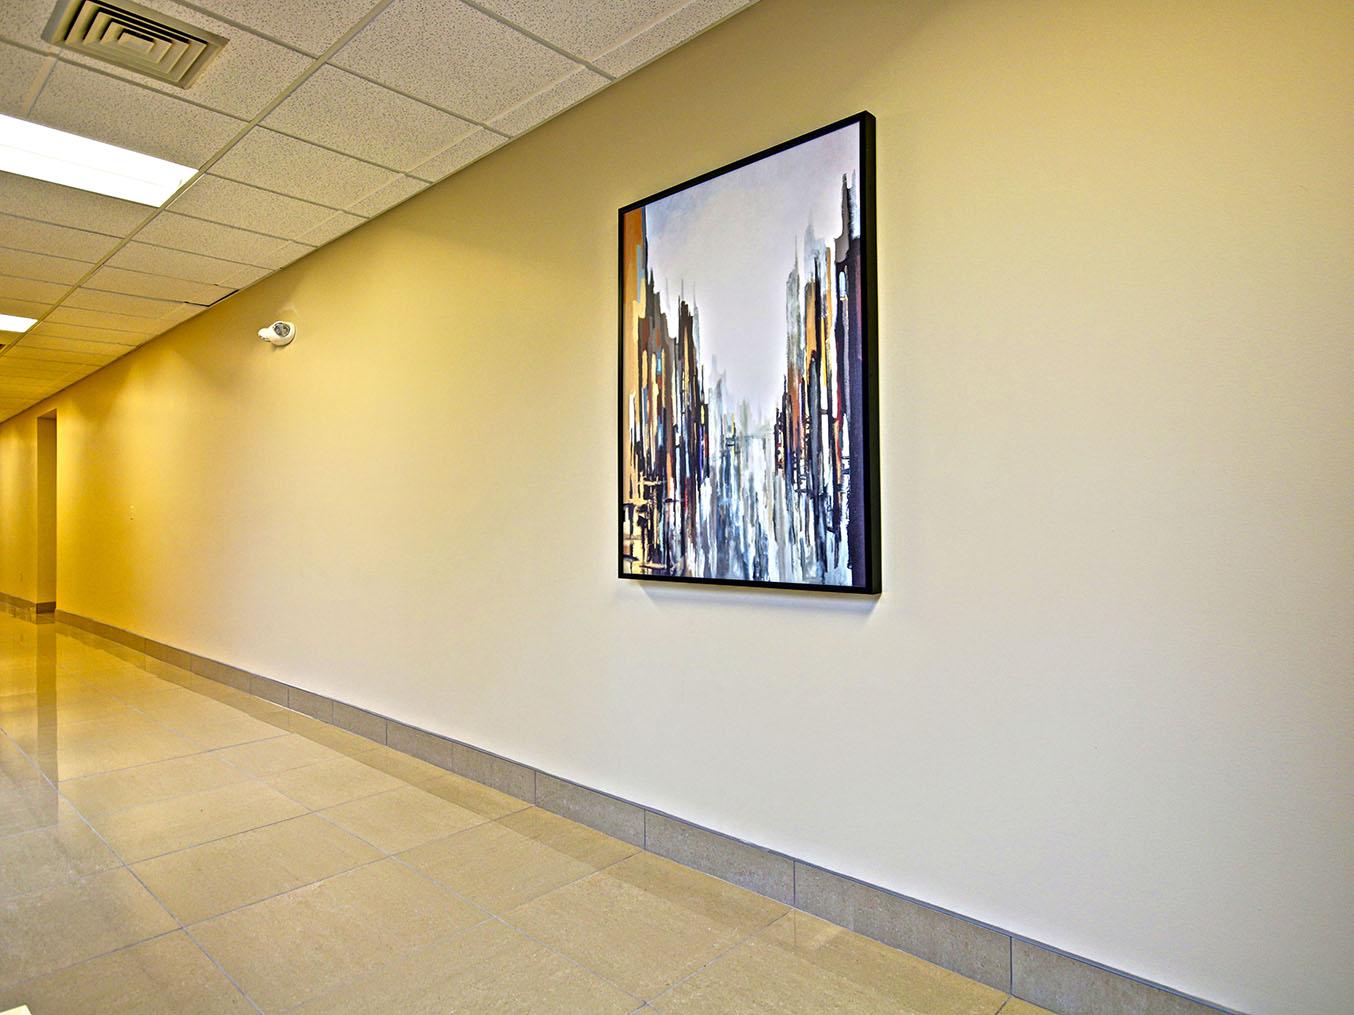 7-Vanta-Properties-Wisconsin-Trade-Center-Concepts-in-Art-LLC